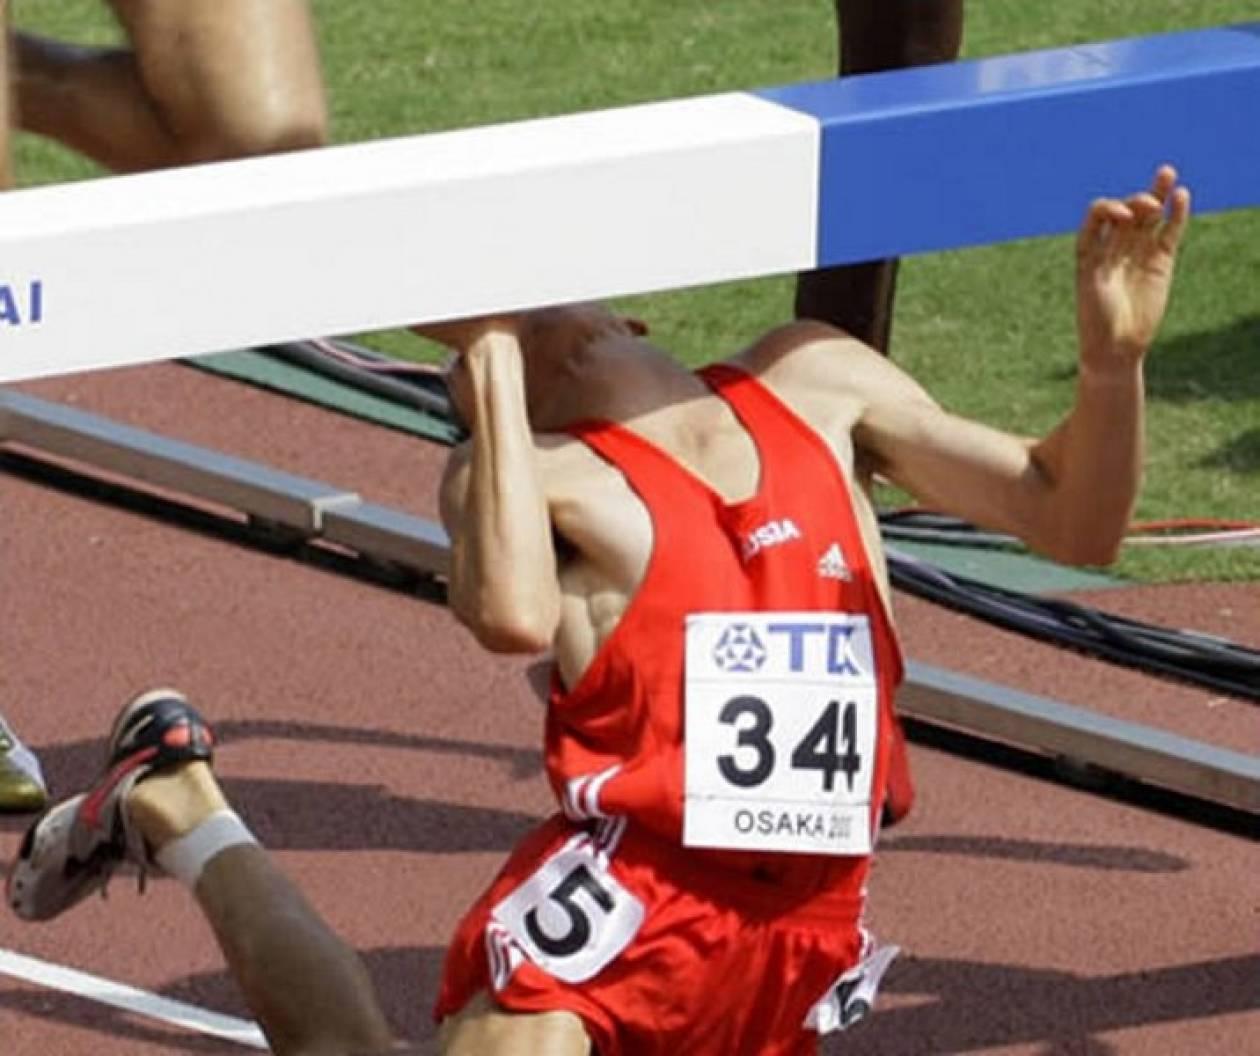 Οι 15 πιο ντροπιαστικές αθλητικές στιγμές που έχουν ποτέ υπάρξει!